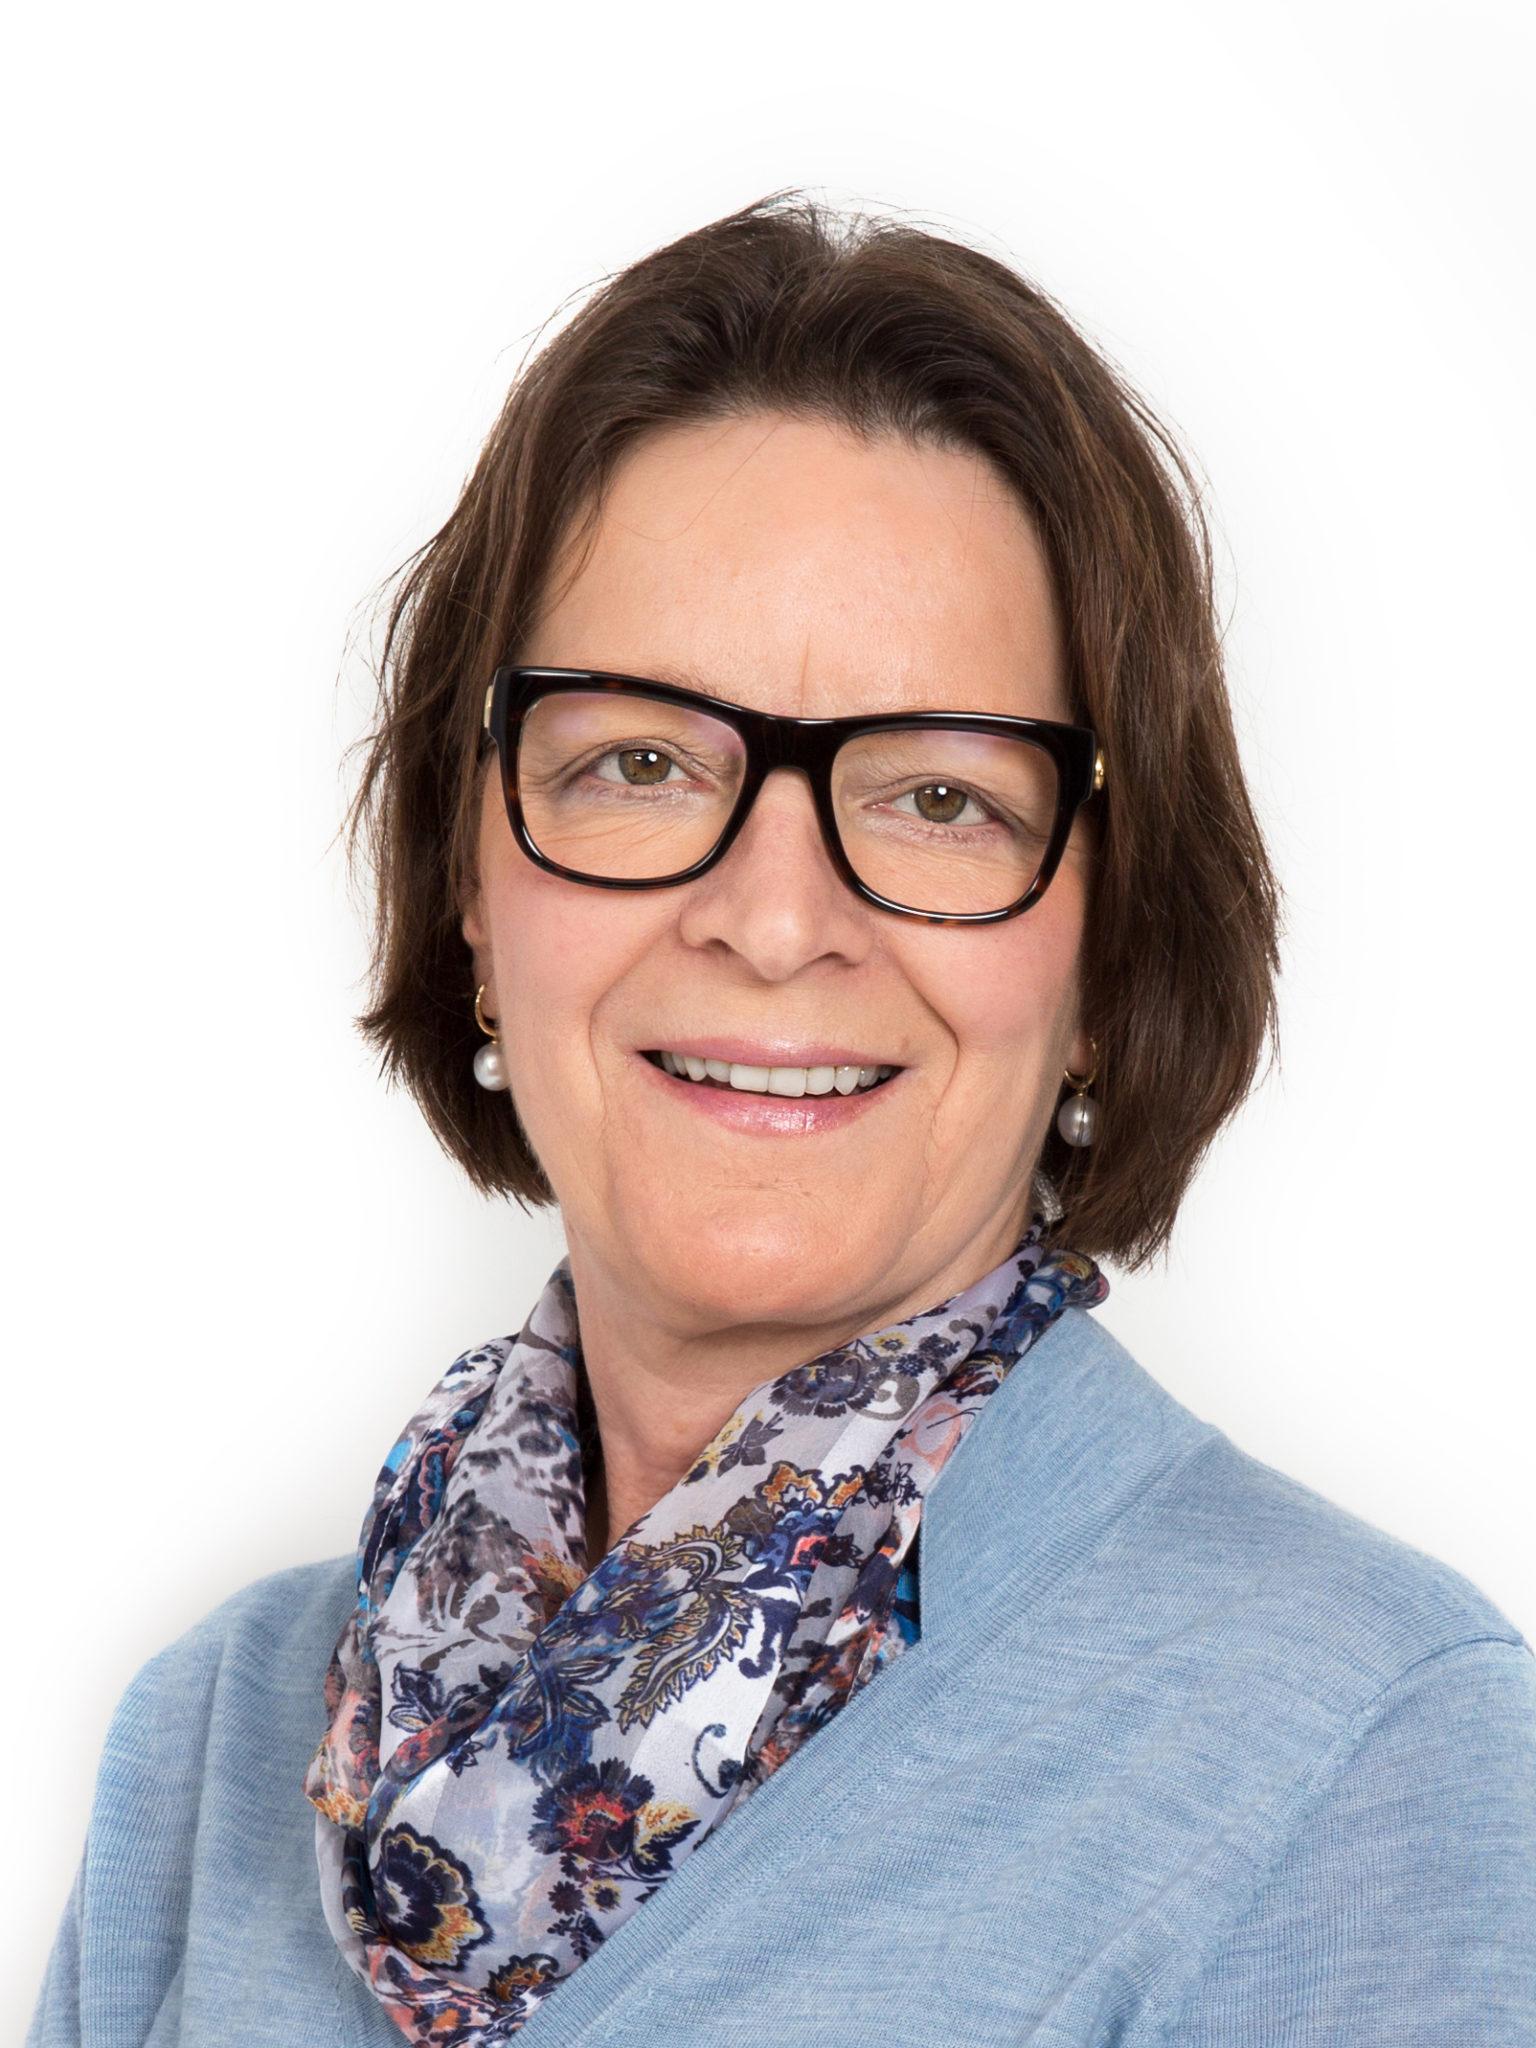 Gabi Korsch